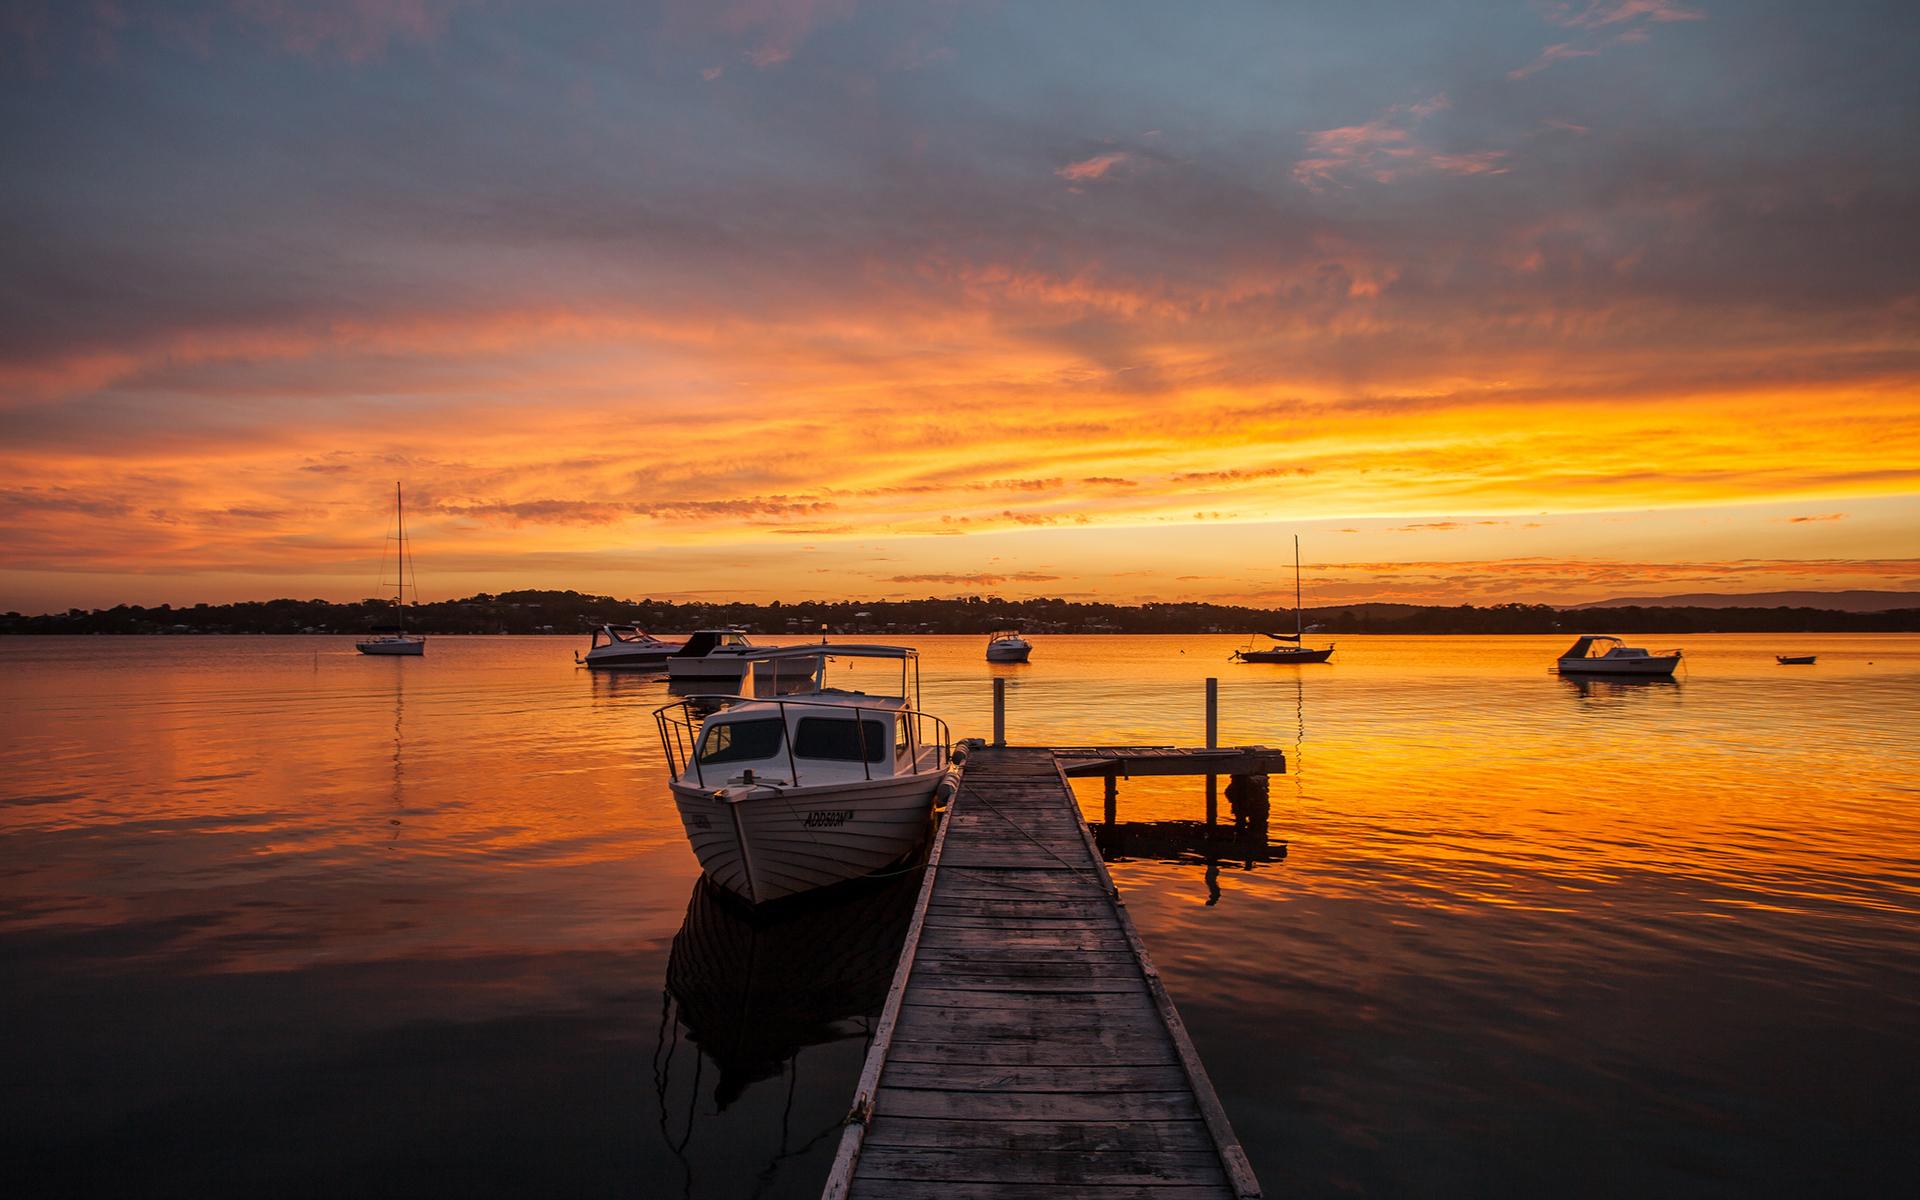 Dock Boats Sunset Lake Wallpaper 1920x1200 97149